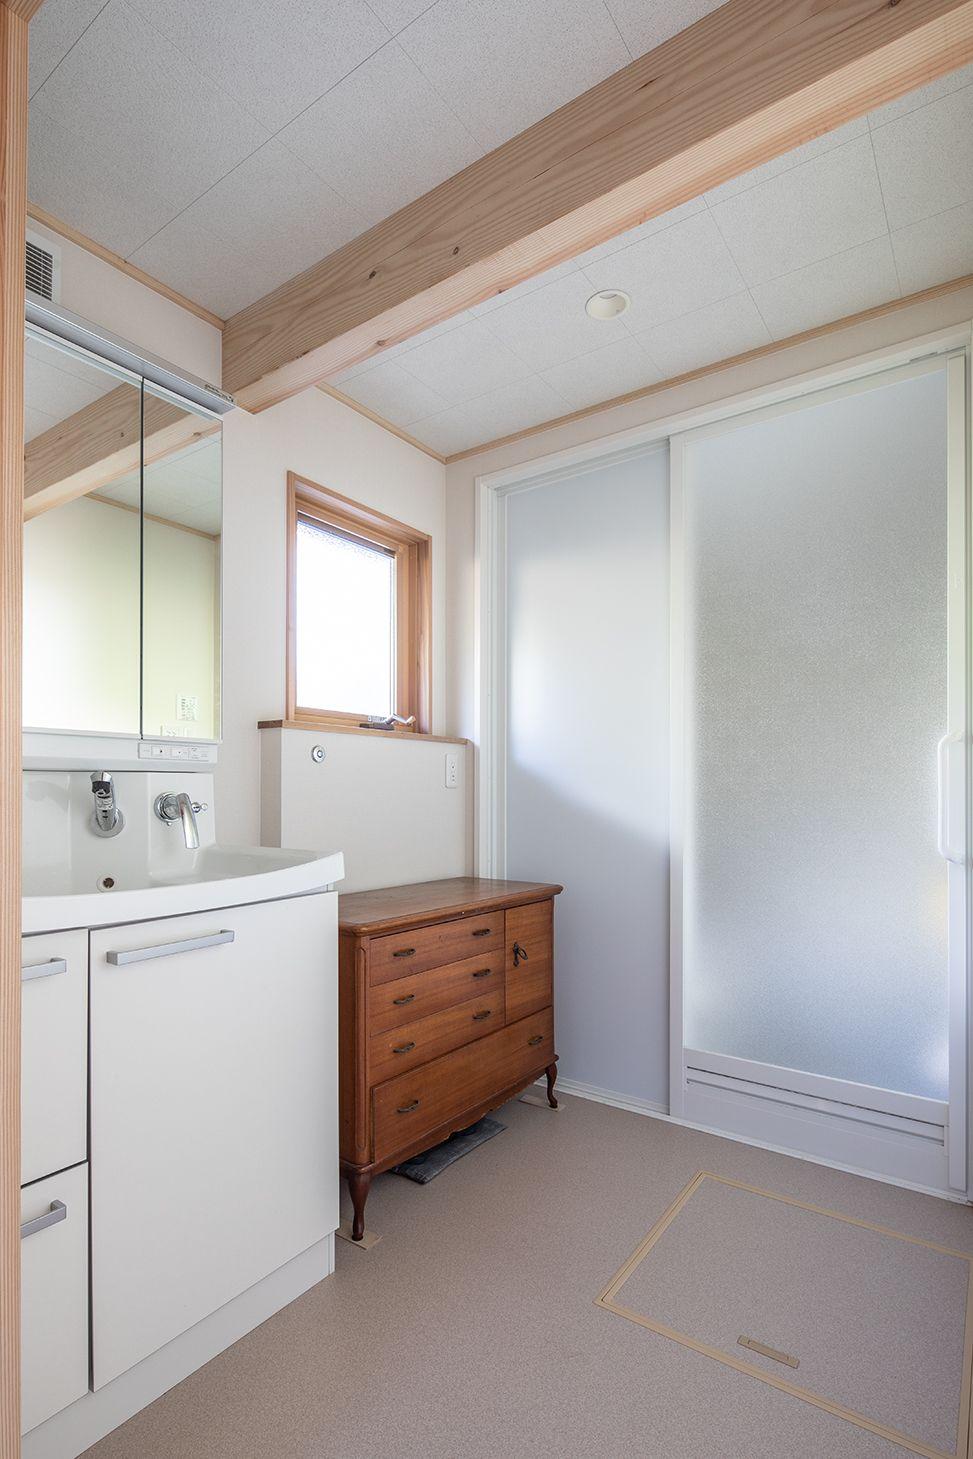 システムバス規格の高さに合わせて天井高を上げた、広々と明るく快適な洗面室。